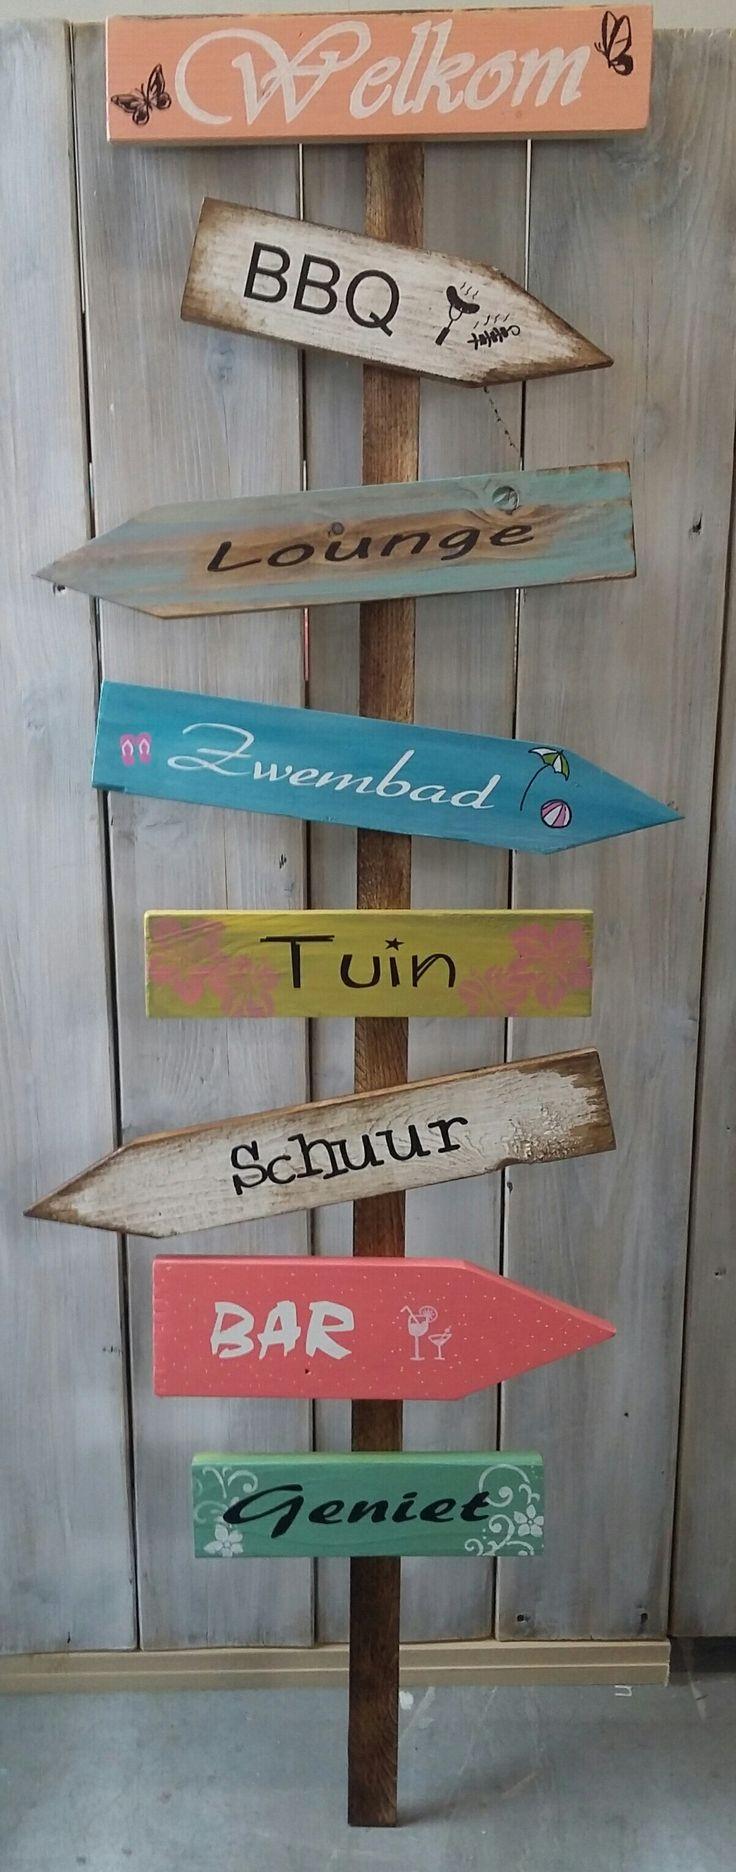 25 beste idee n over strand decoraties op pinterest for Decoratie zomer